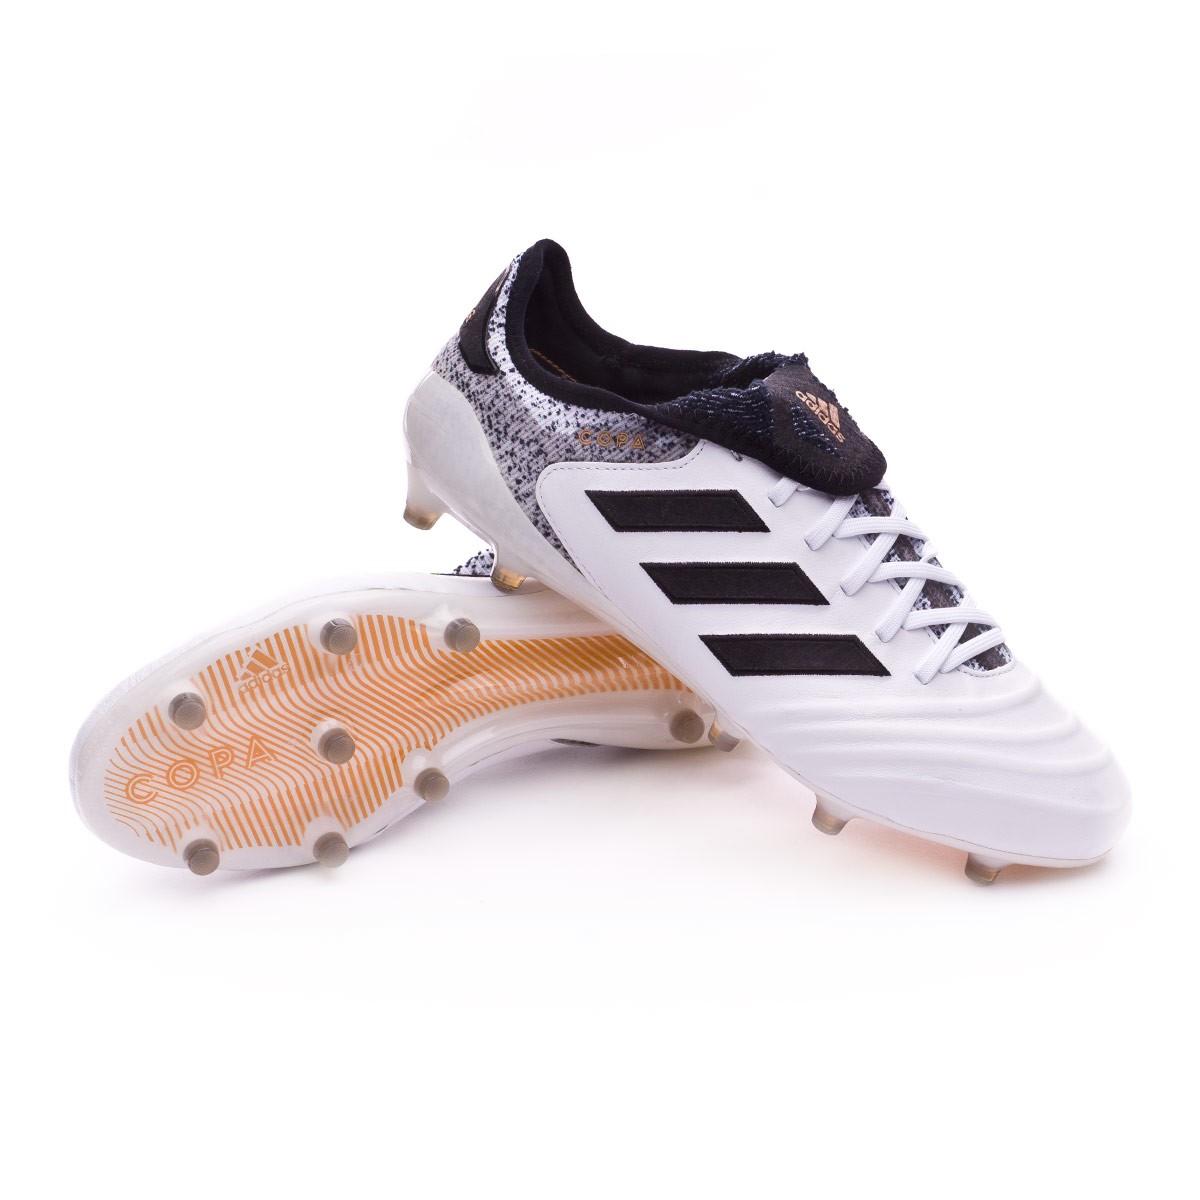 new arrival 9381b 4356e Scarpe adidas Copa 18.1 FG White-Core black-Tactile gold metallic - Negozio  di calcio Fútbol Emotion